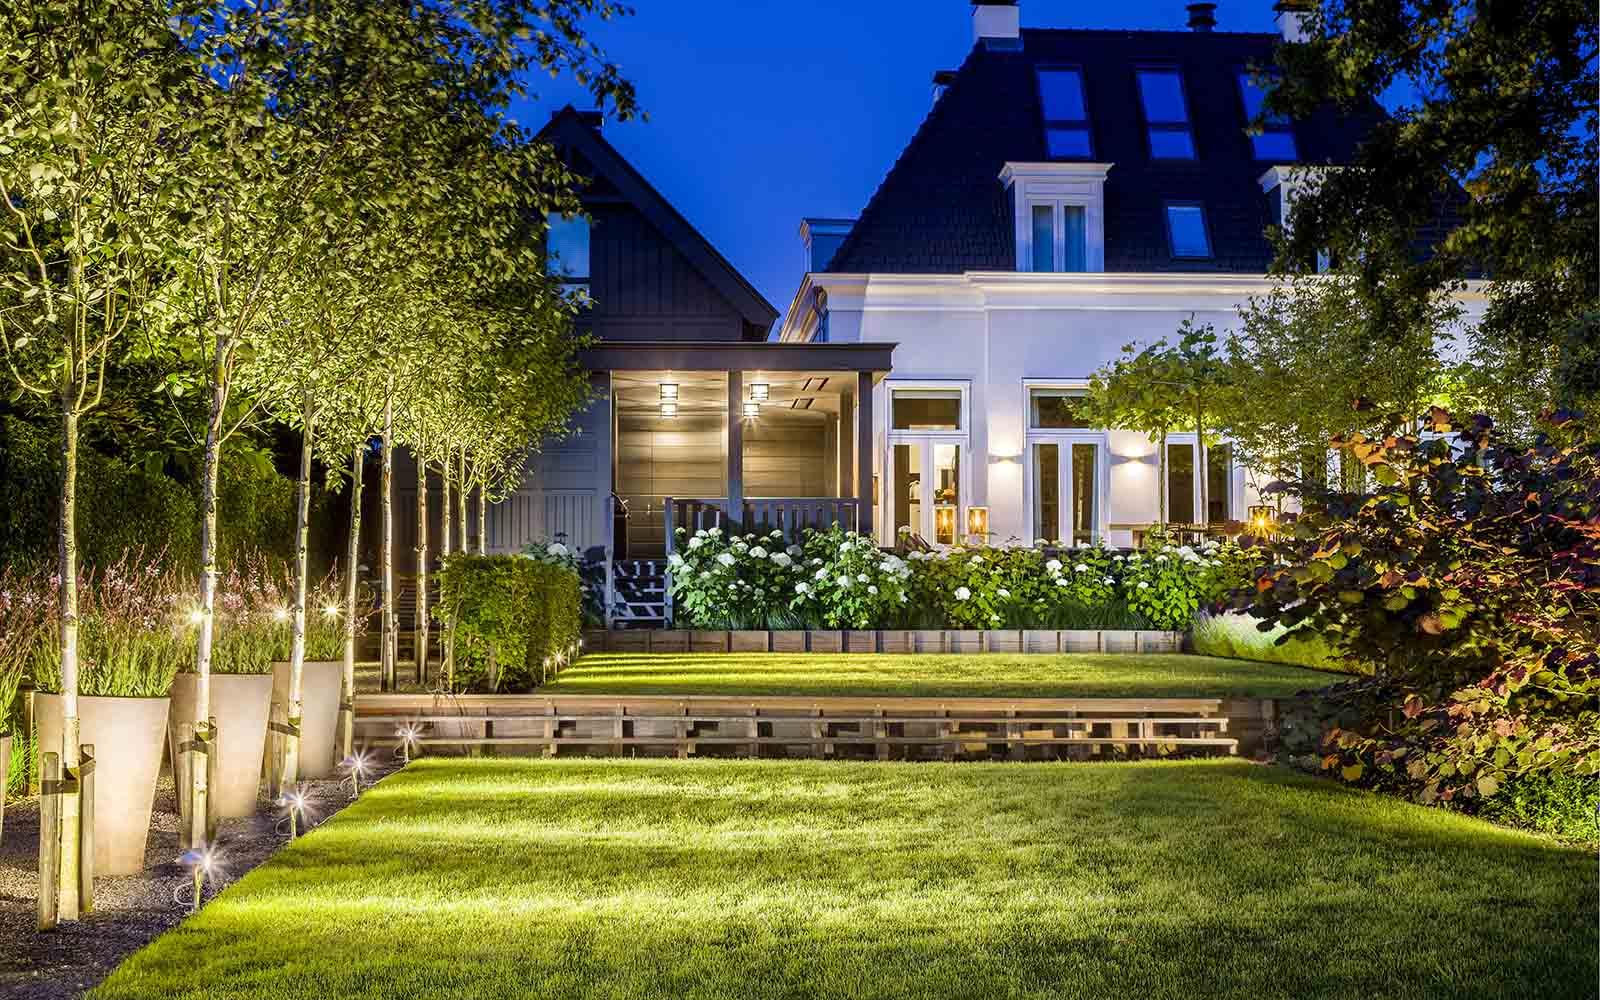 Groene tuin, martin veltkamp tuinen, martin veltkamp, the art of living